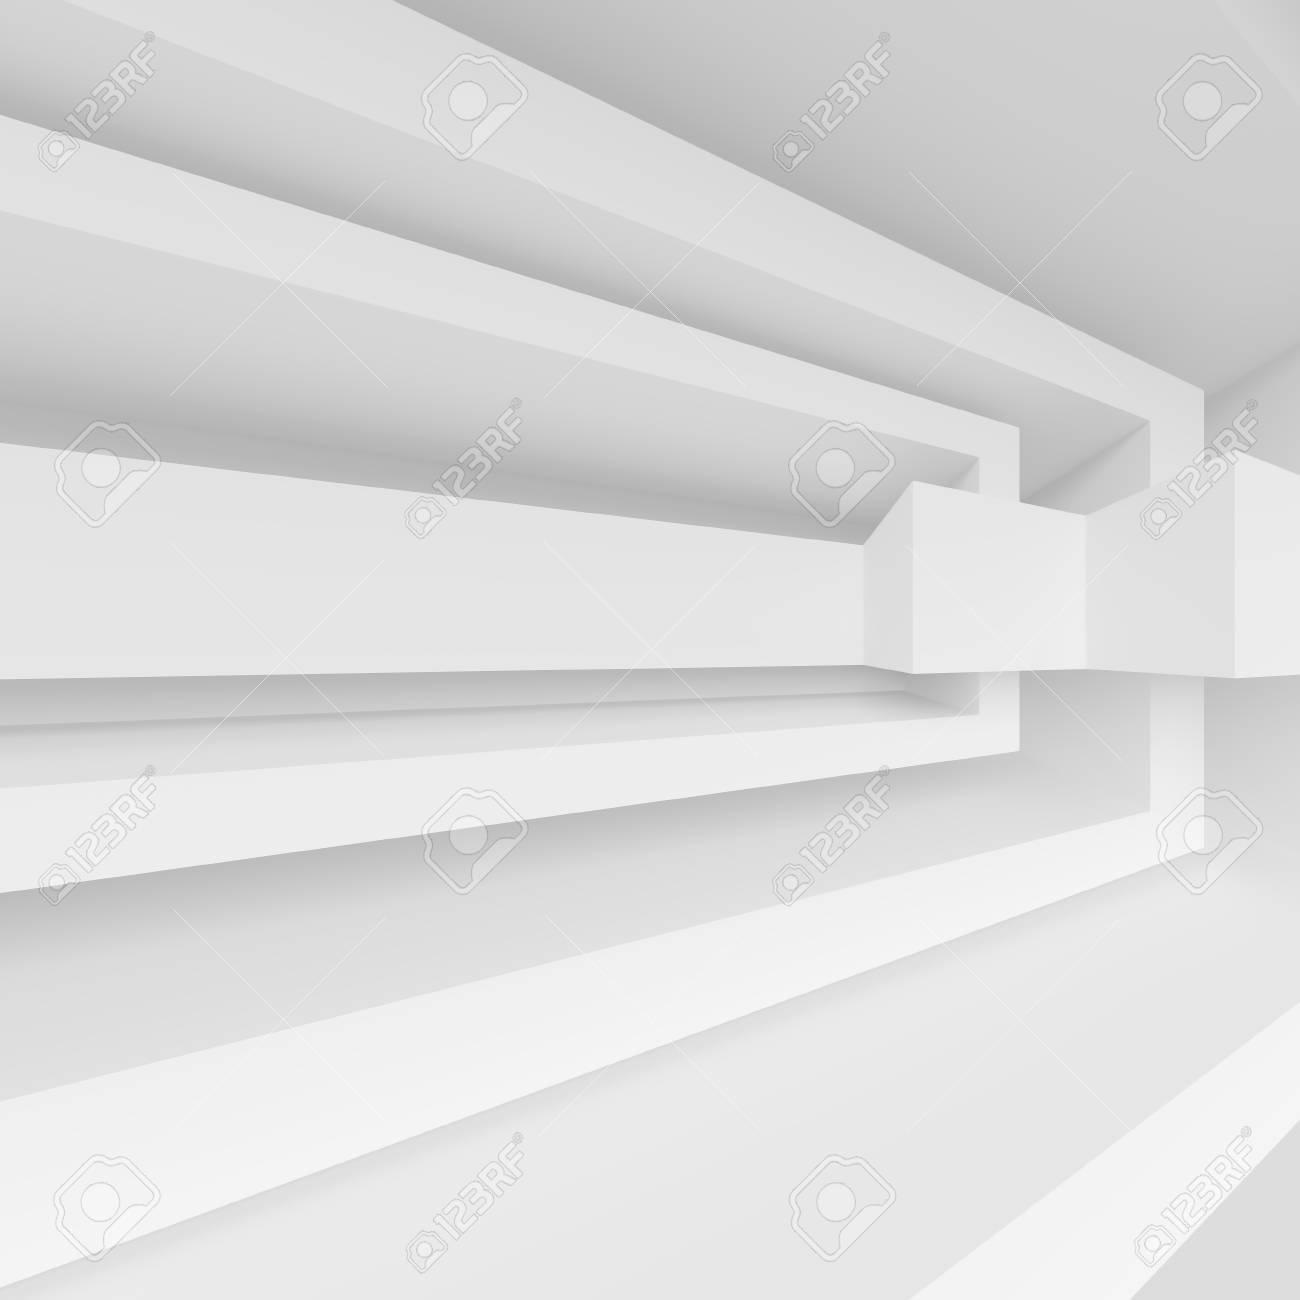 Weißes Abstraktes Wohnzimmer Konzept. Minimalistisches Grafikdesign.  Wiedergabe 3d Standard